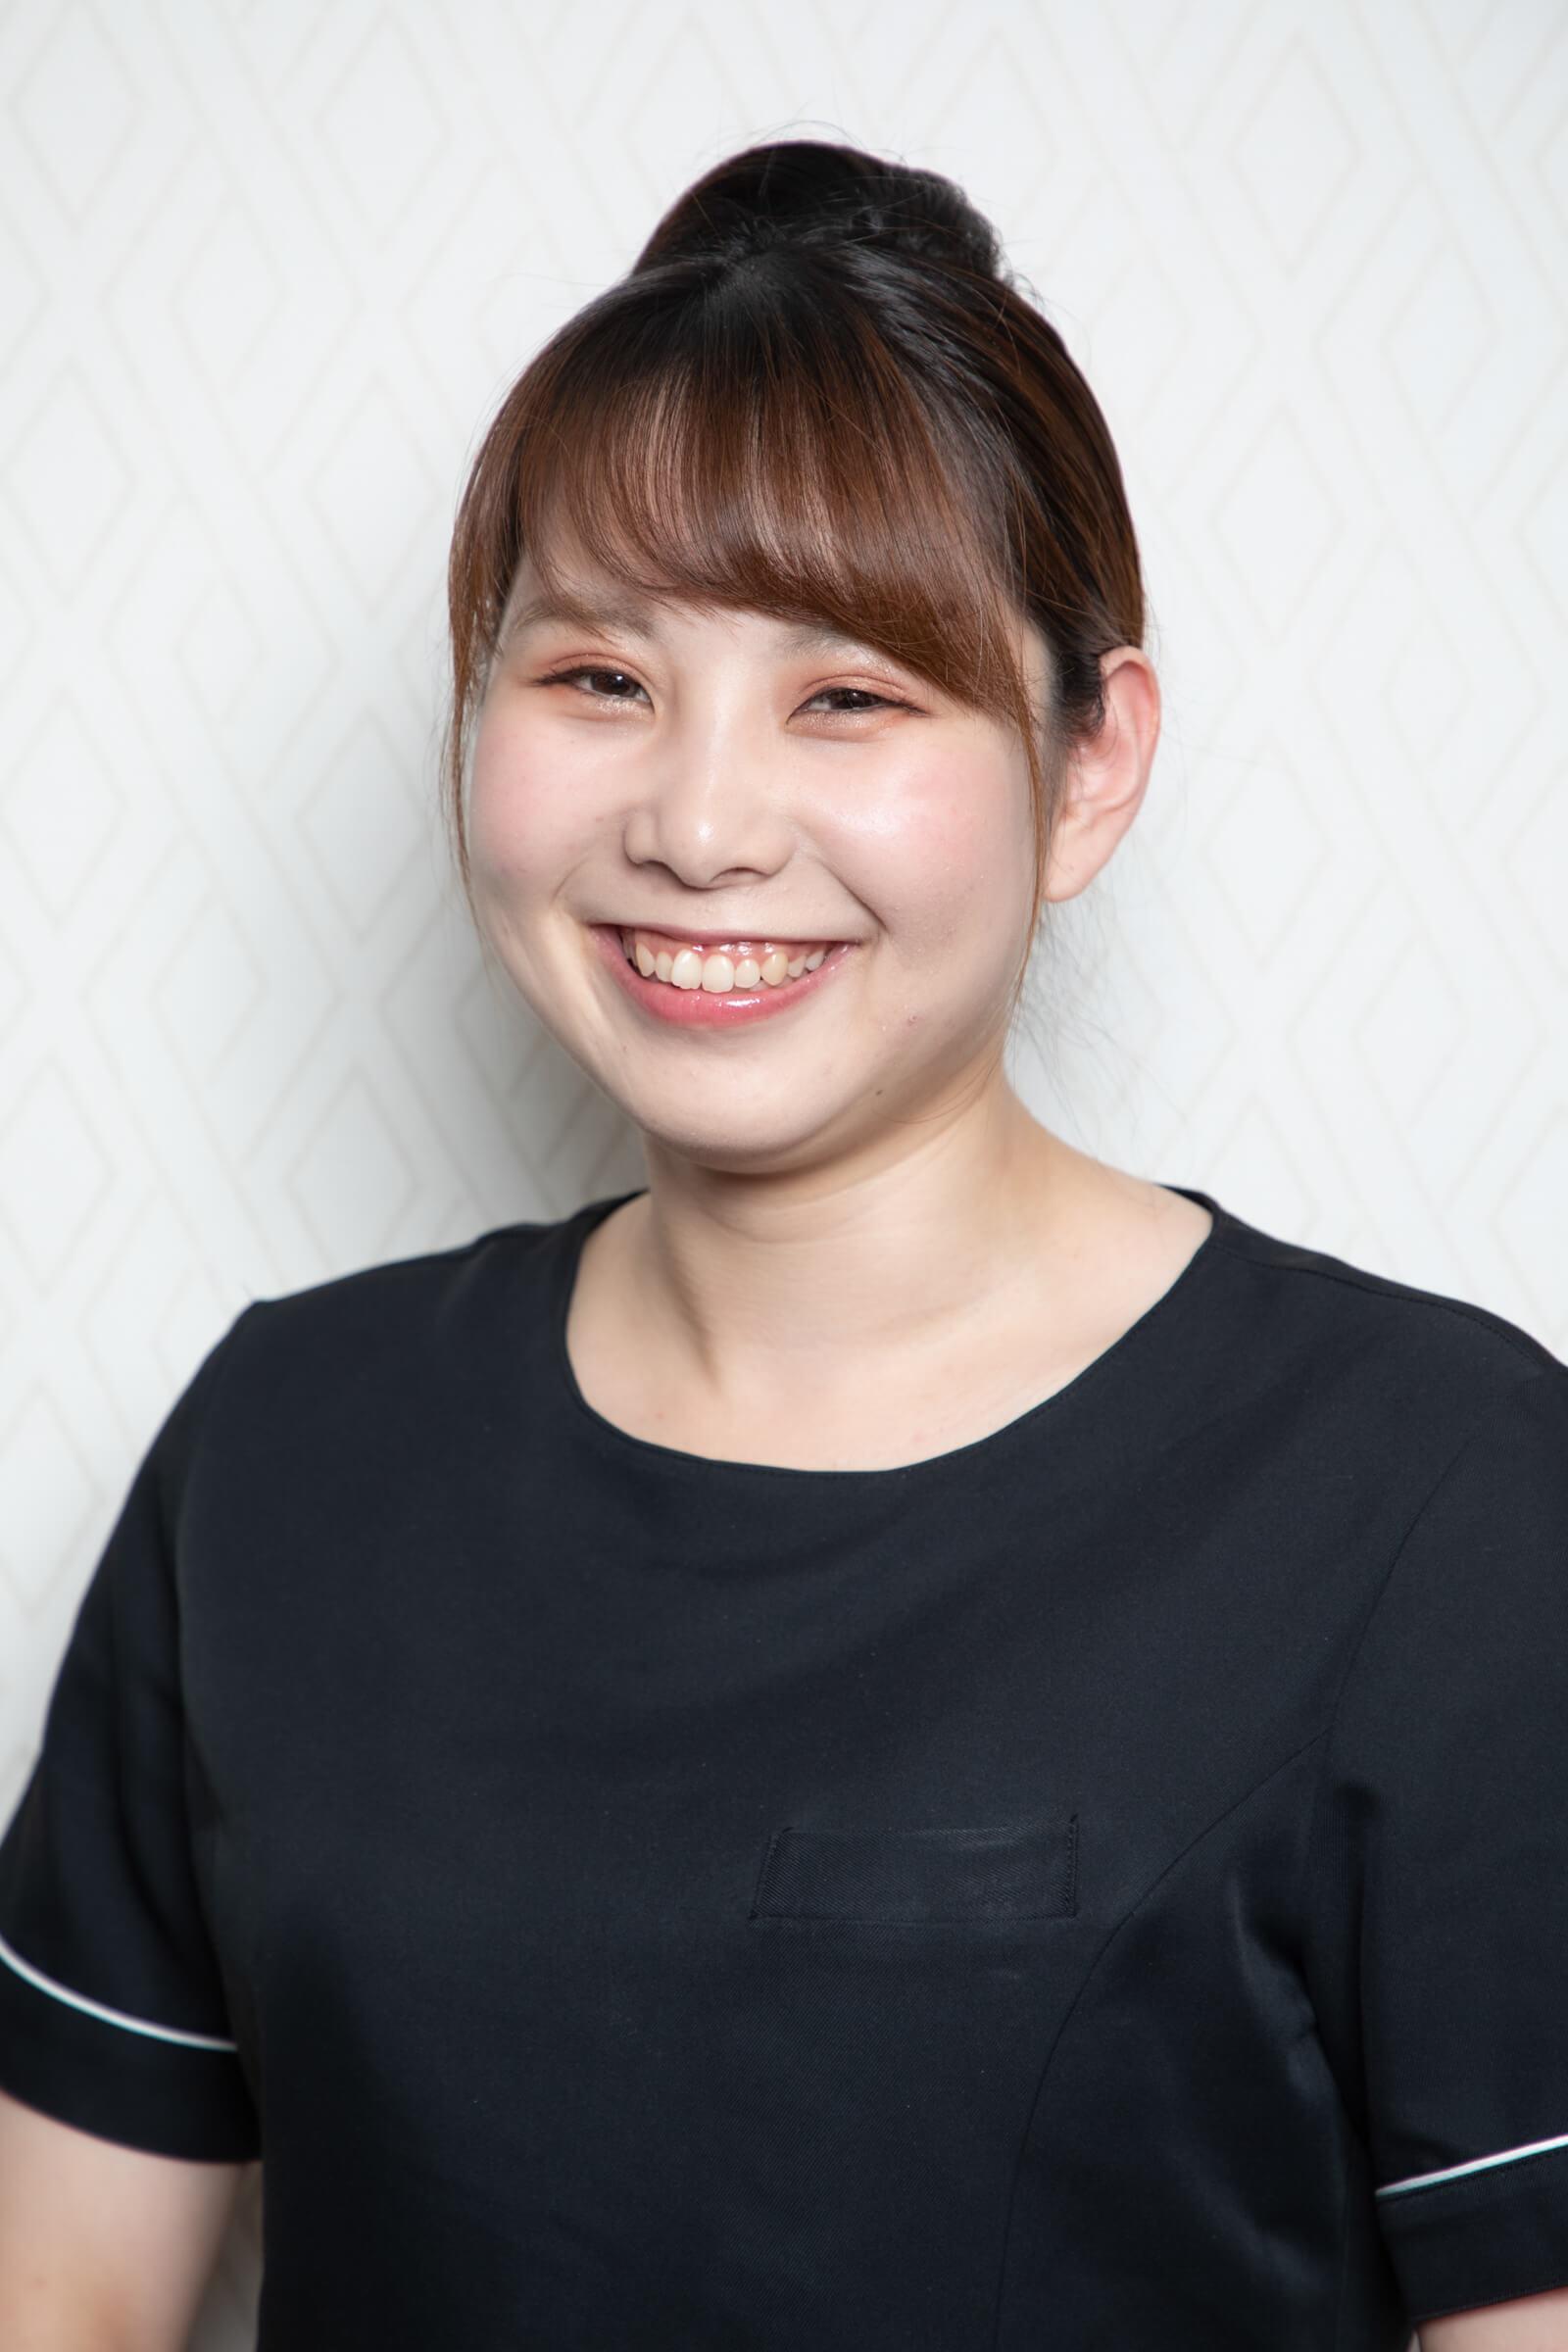 横浜のエステサロンAYAのサブマネージャー 小田眞菜美